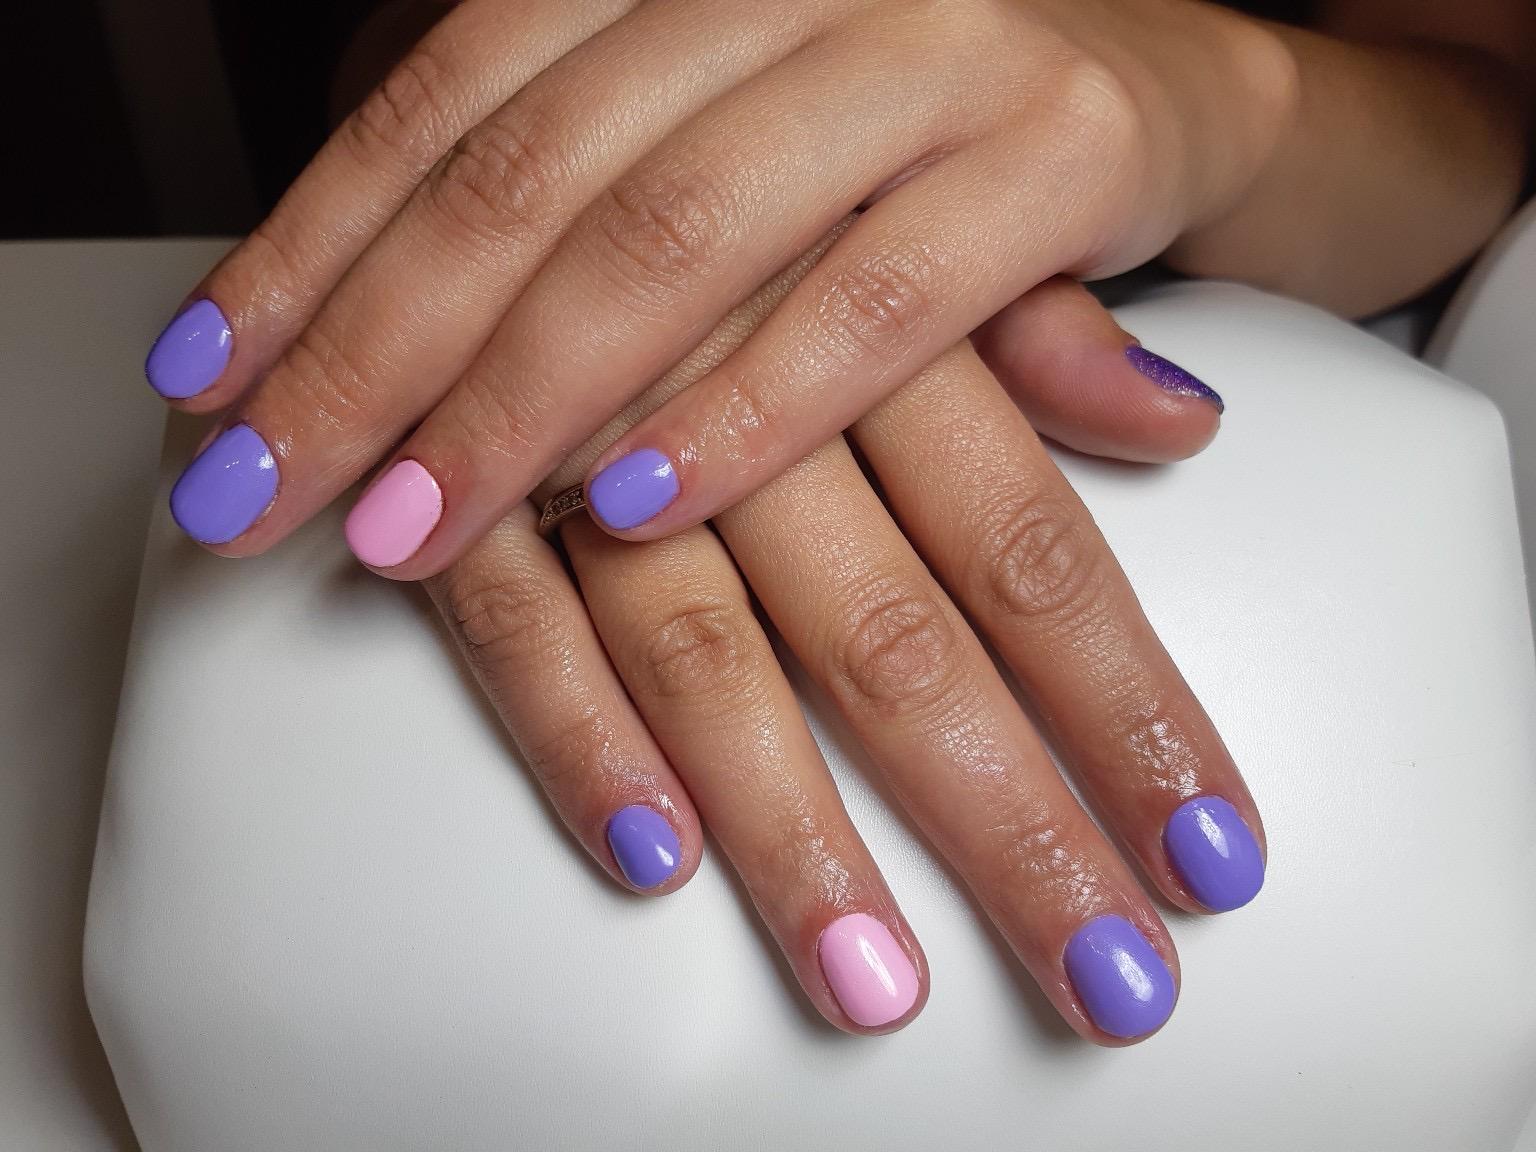 Маникюр в фиолетовом цвете на короткие ногти.